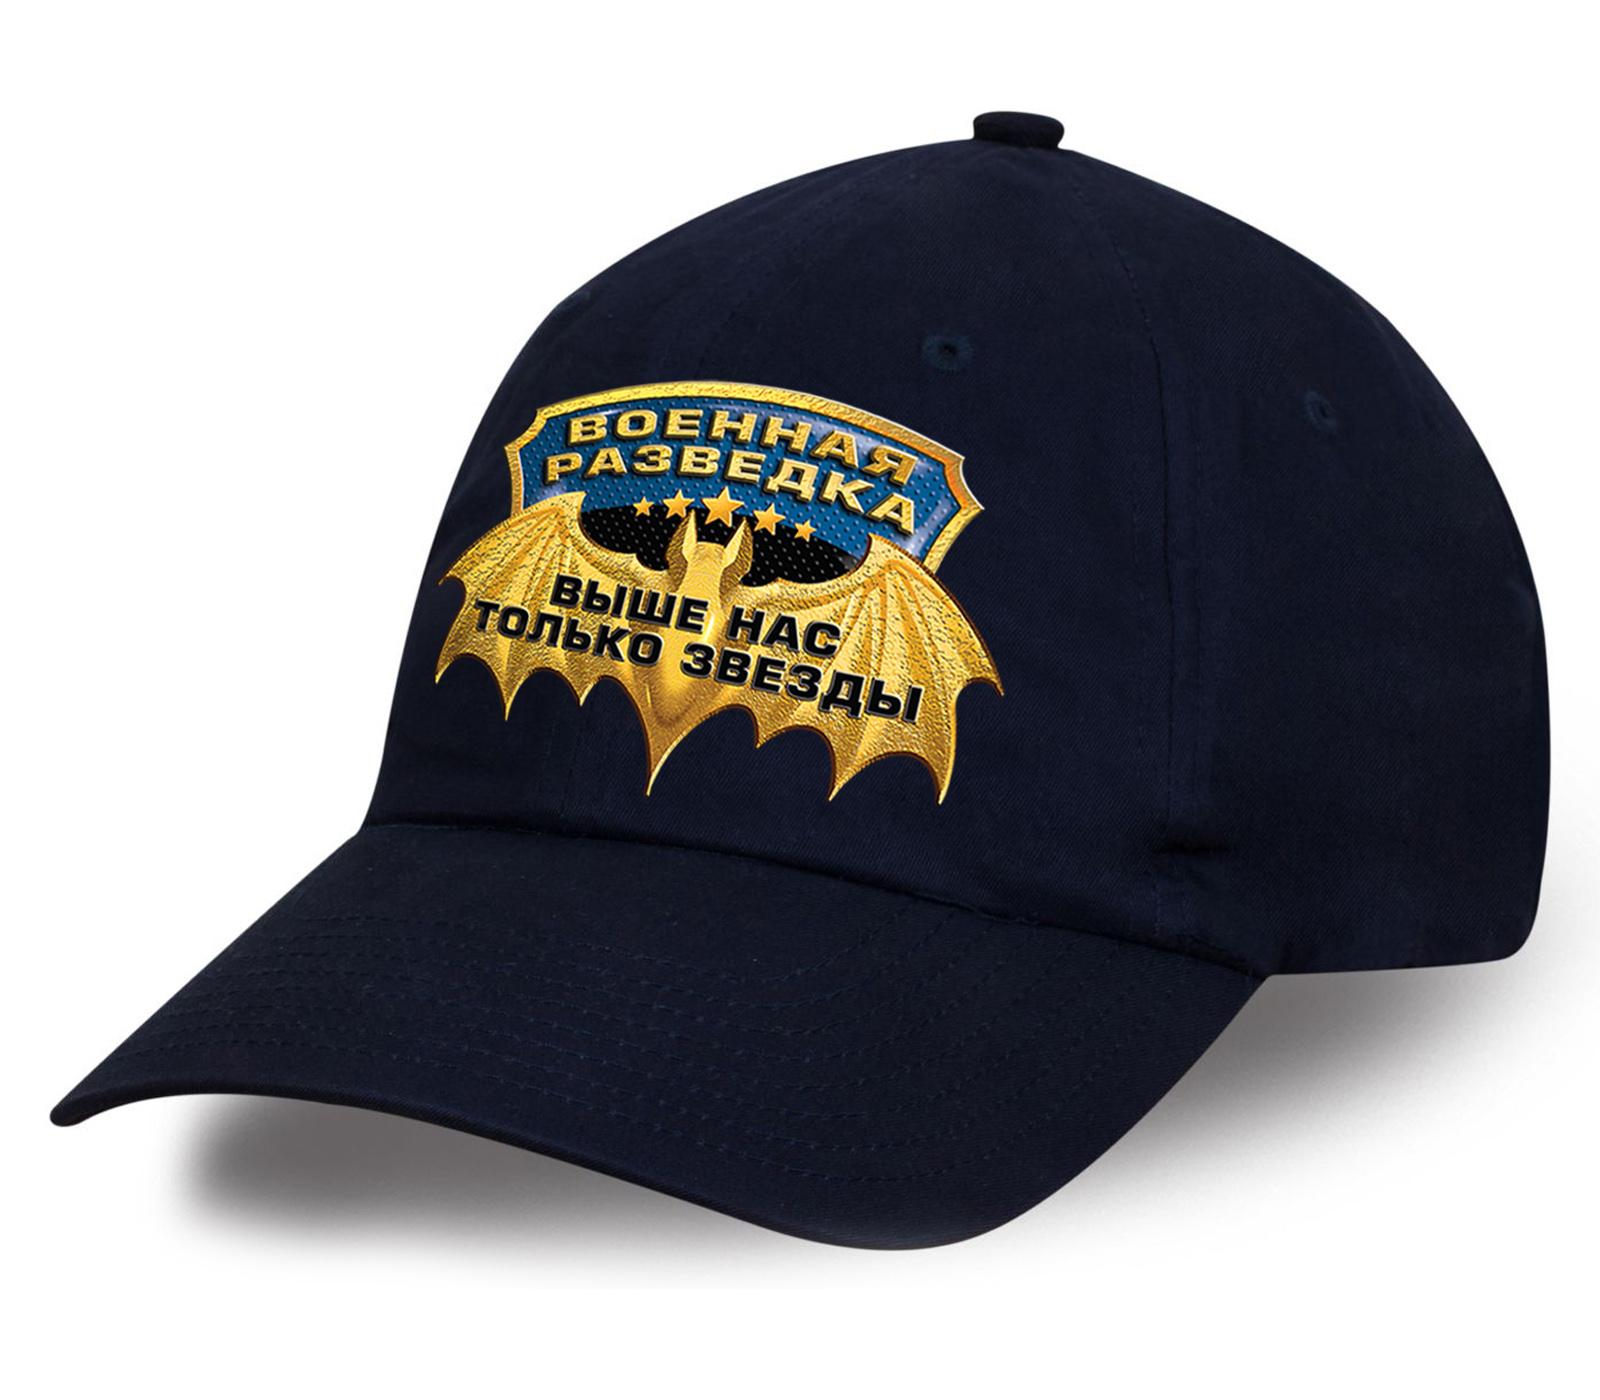 Стильный и креативный подарок для разведчика – отменная мужская кепка с авторским принтом «Выше нас только звезды» от Военпро. Покупай, не раздумывай!